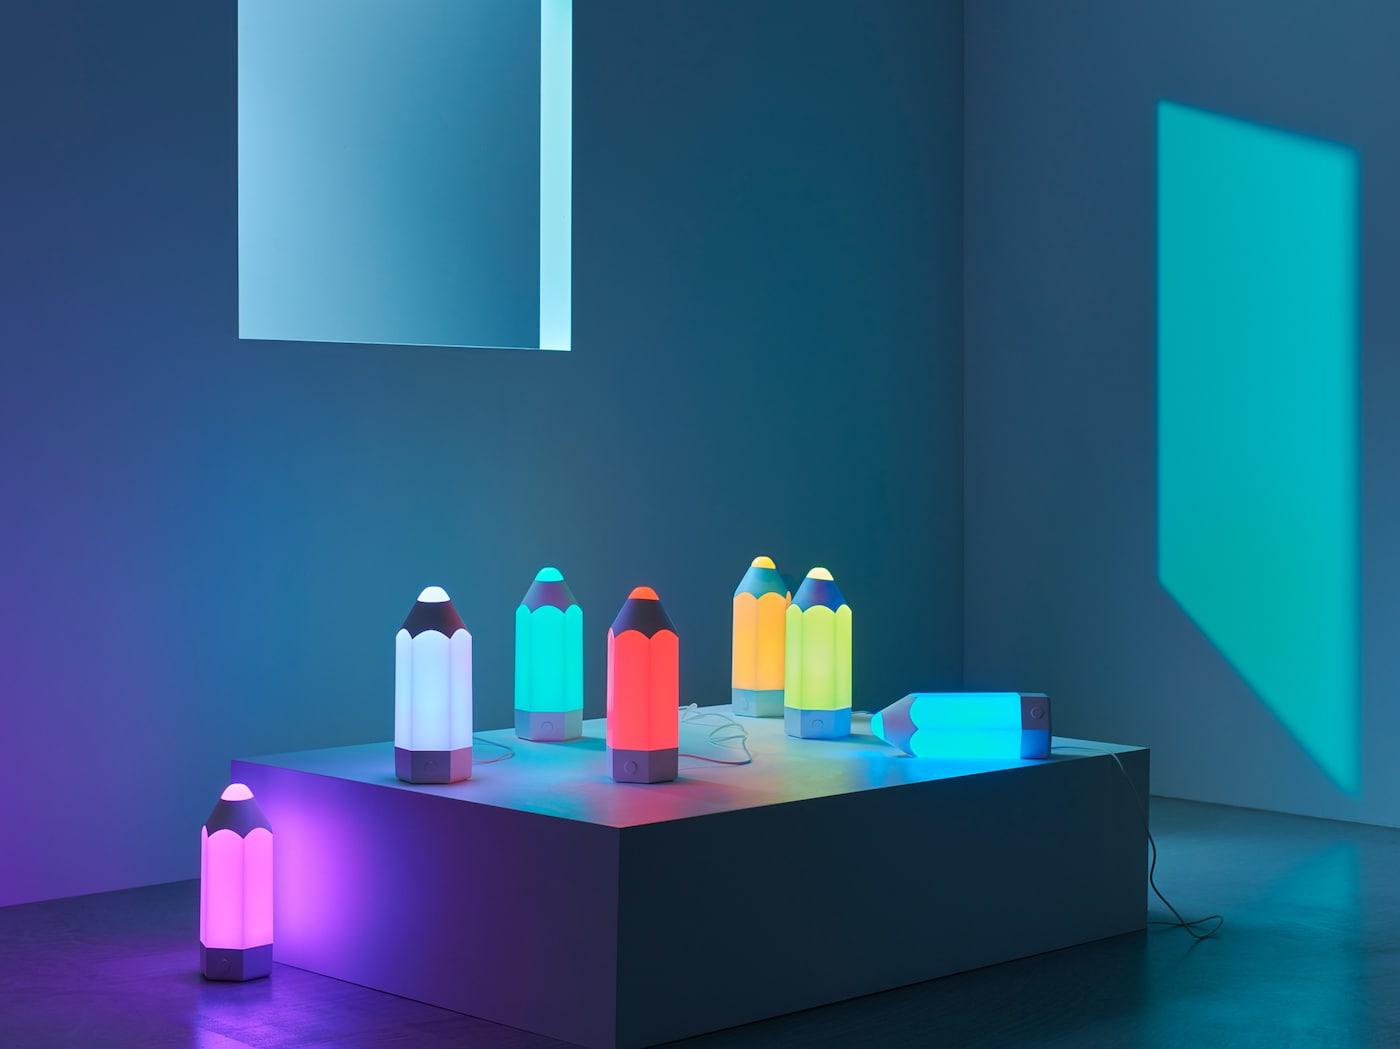 七盏俏皮铅笔造型的 PELARBOJ 培拉宝 台灯发出自带的七种不同颜色的光。